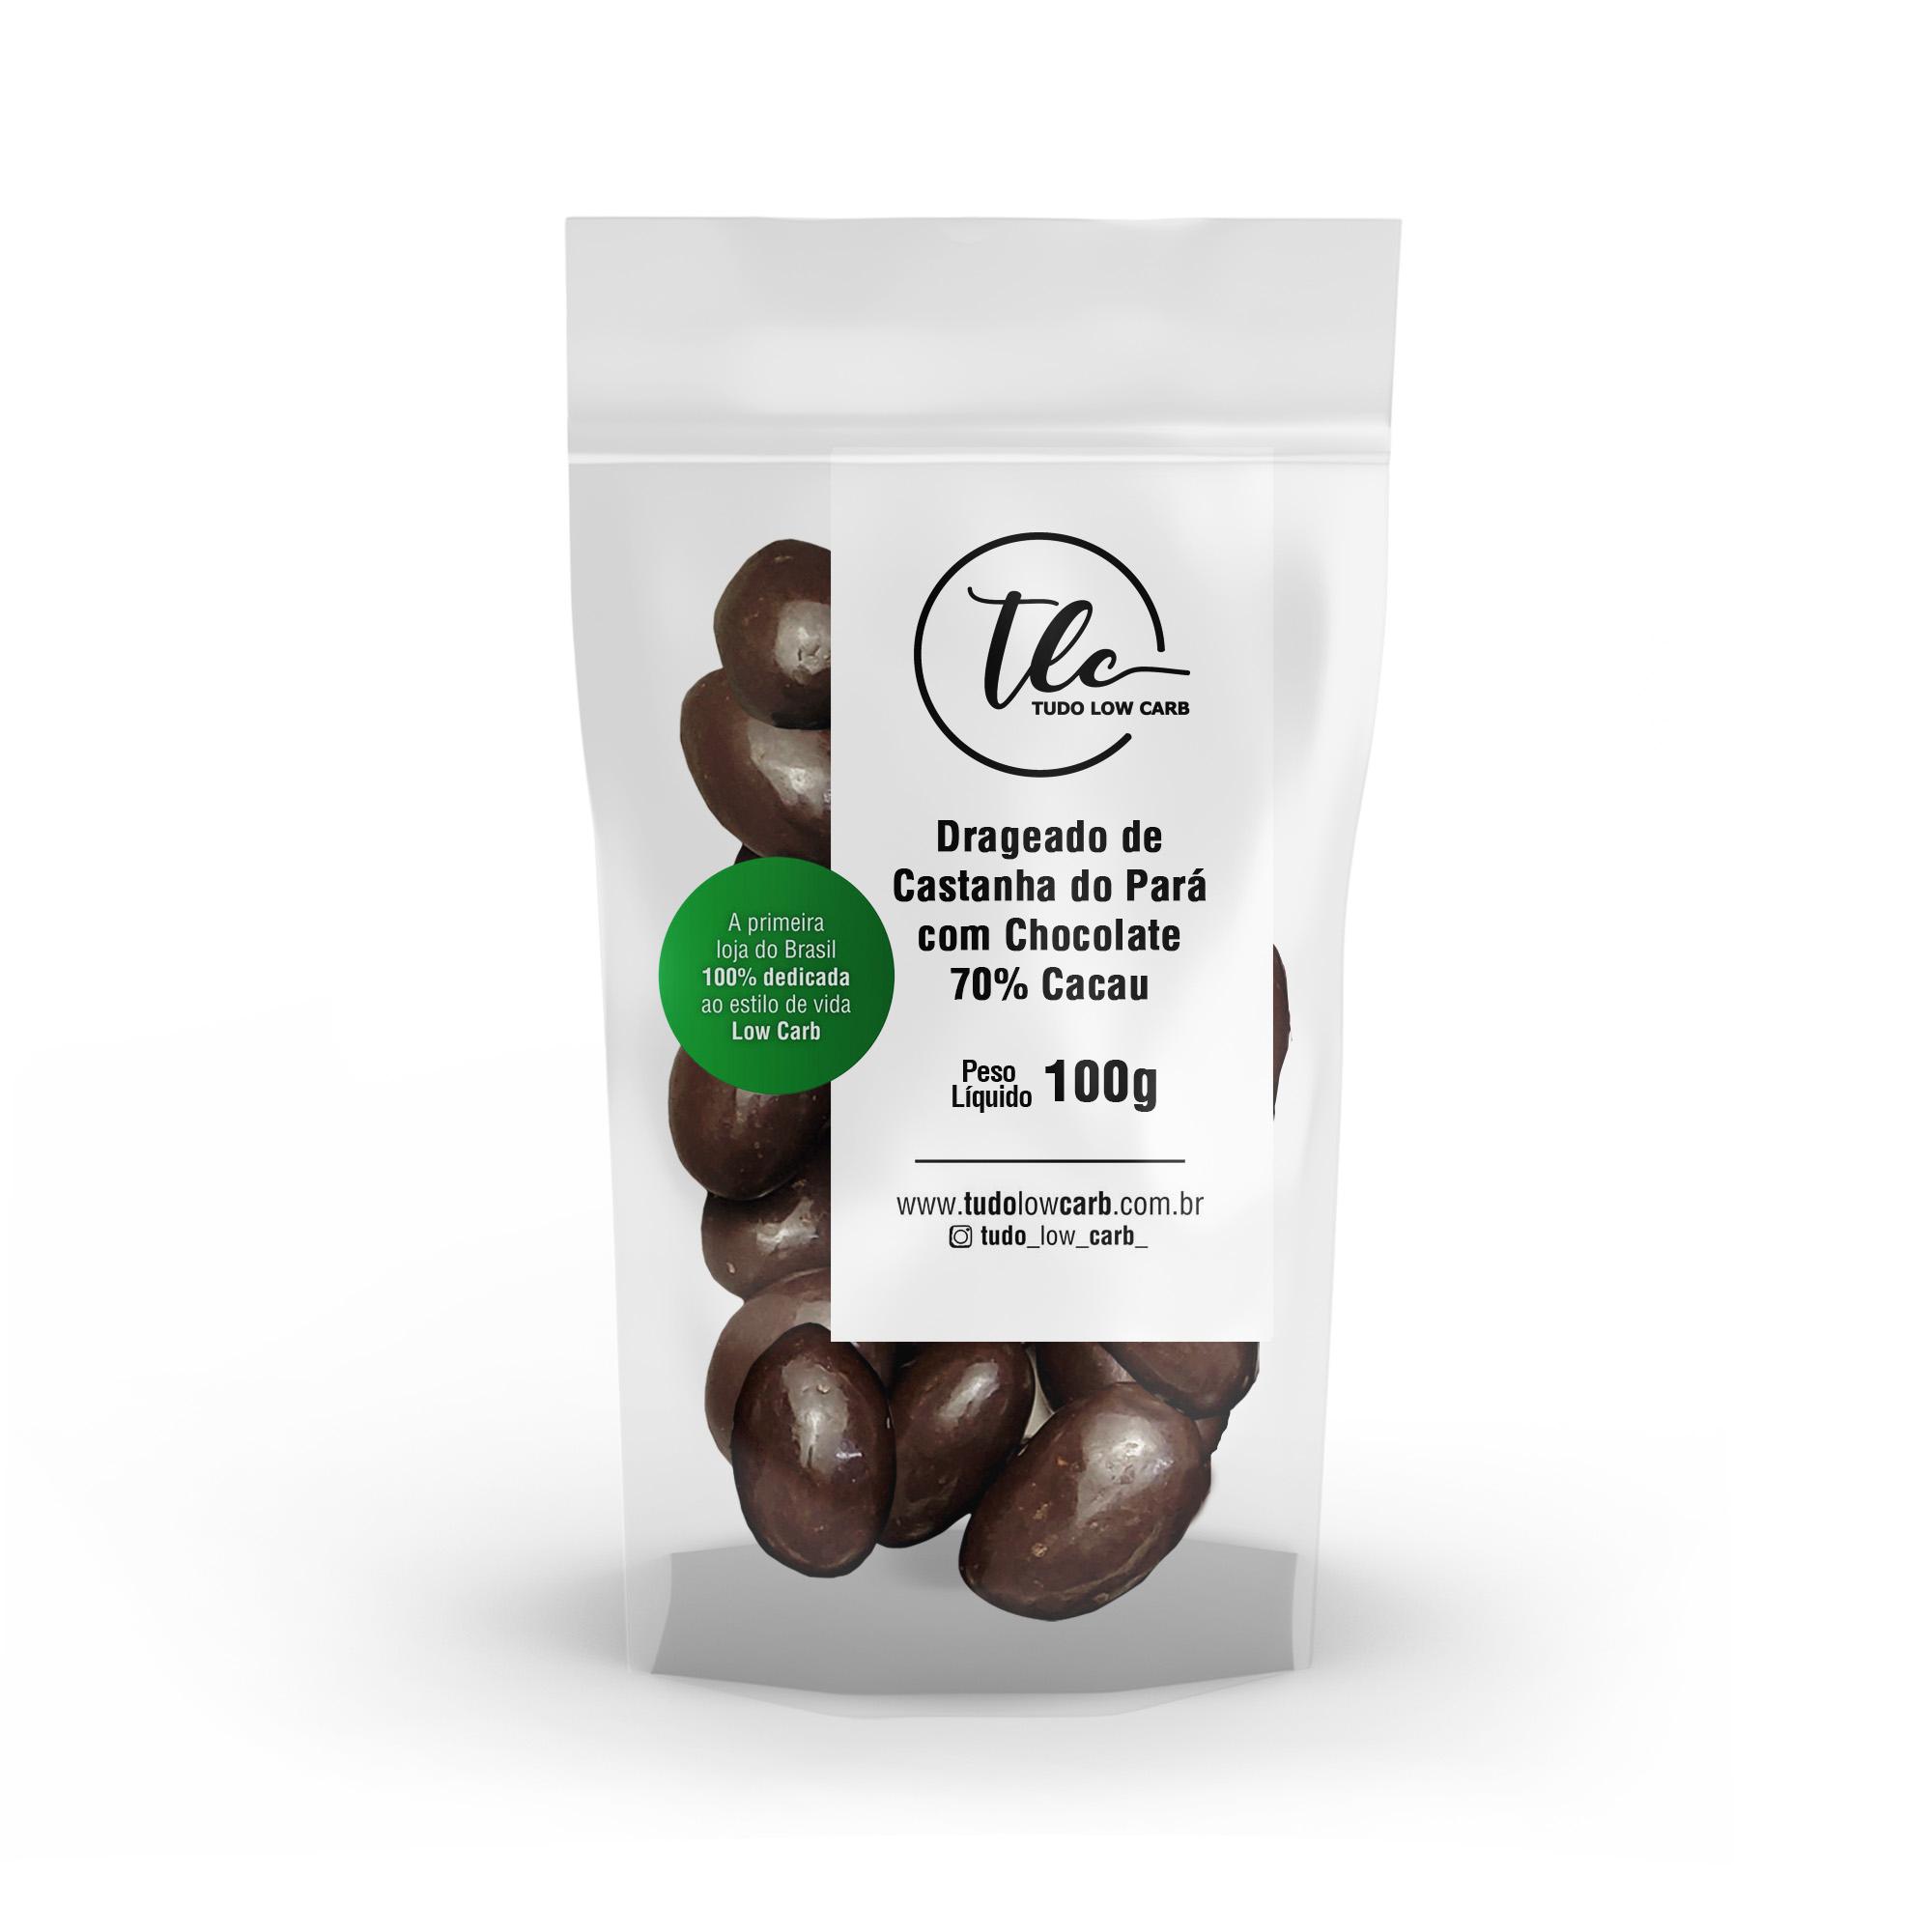 Drageado Castanha do Pará com Chocolate 70% Cacau 100g  - TLC Tudo Low Carb